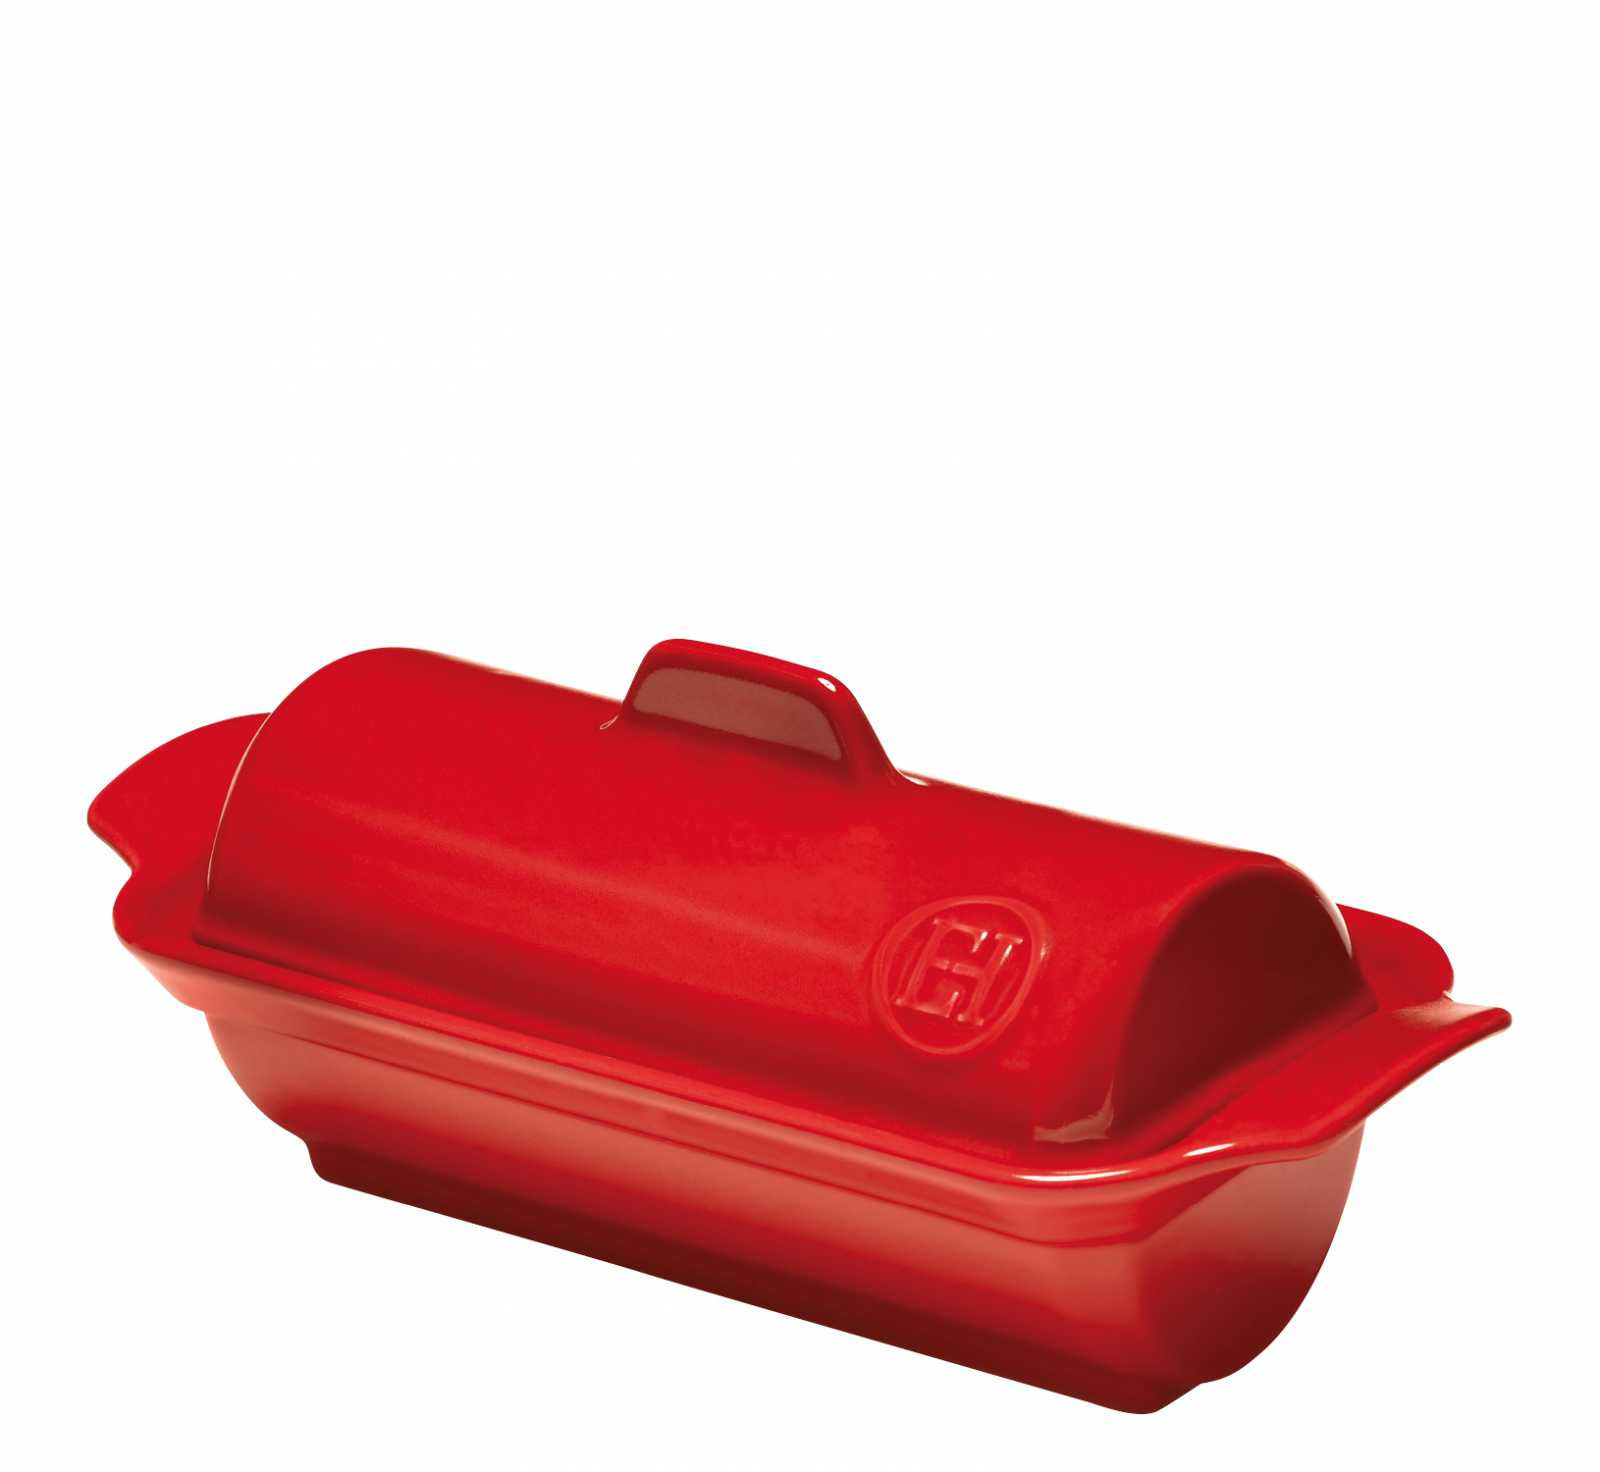 Онлайн каталог PROMENU: Форма для фуа-гра Emile Henry, 24,5x10,5 см, красный Emile Henry 345865